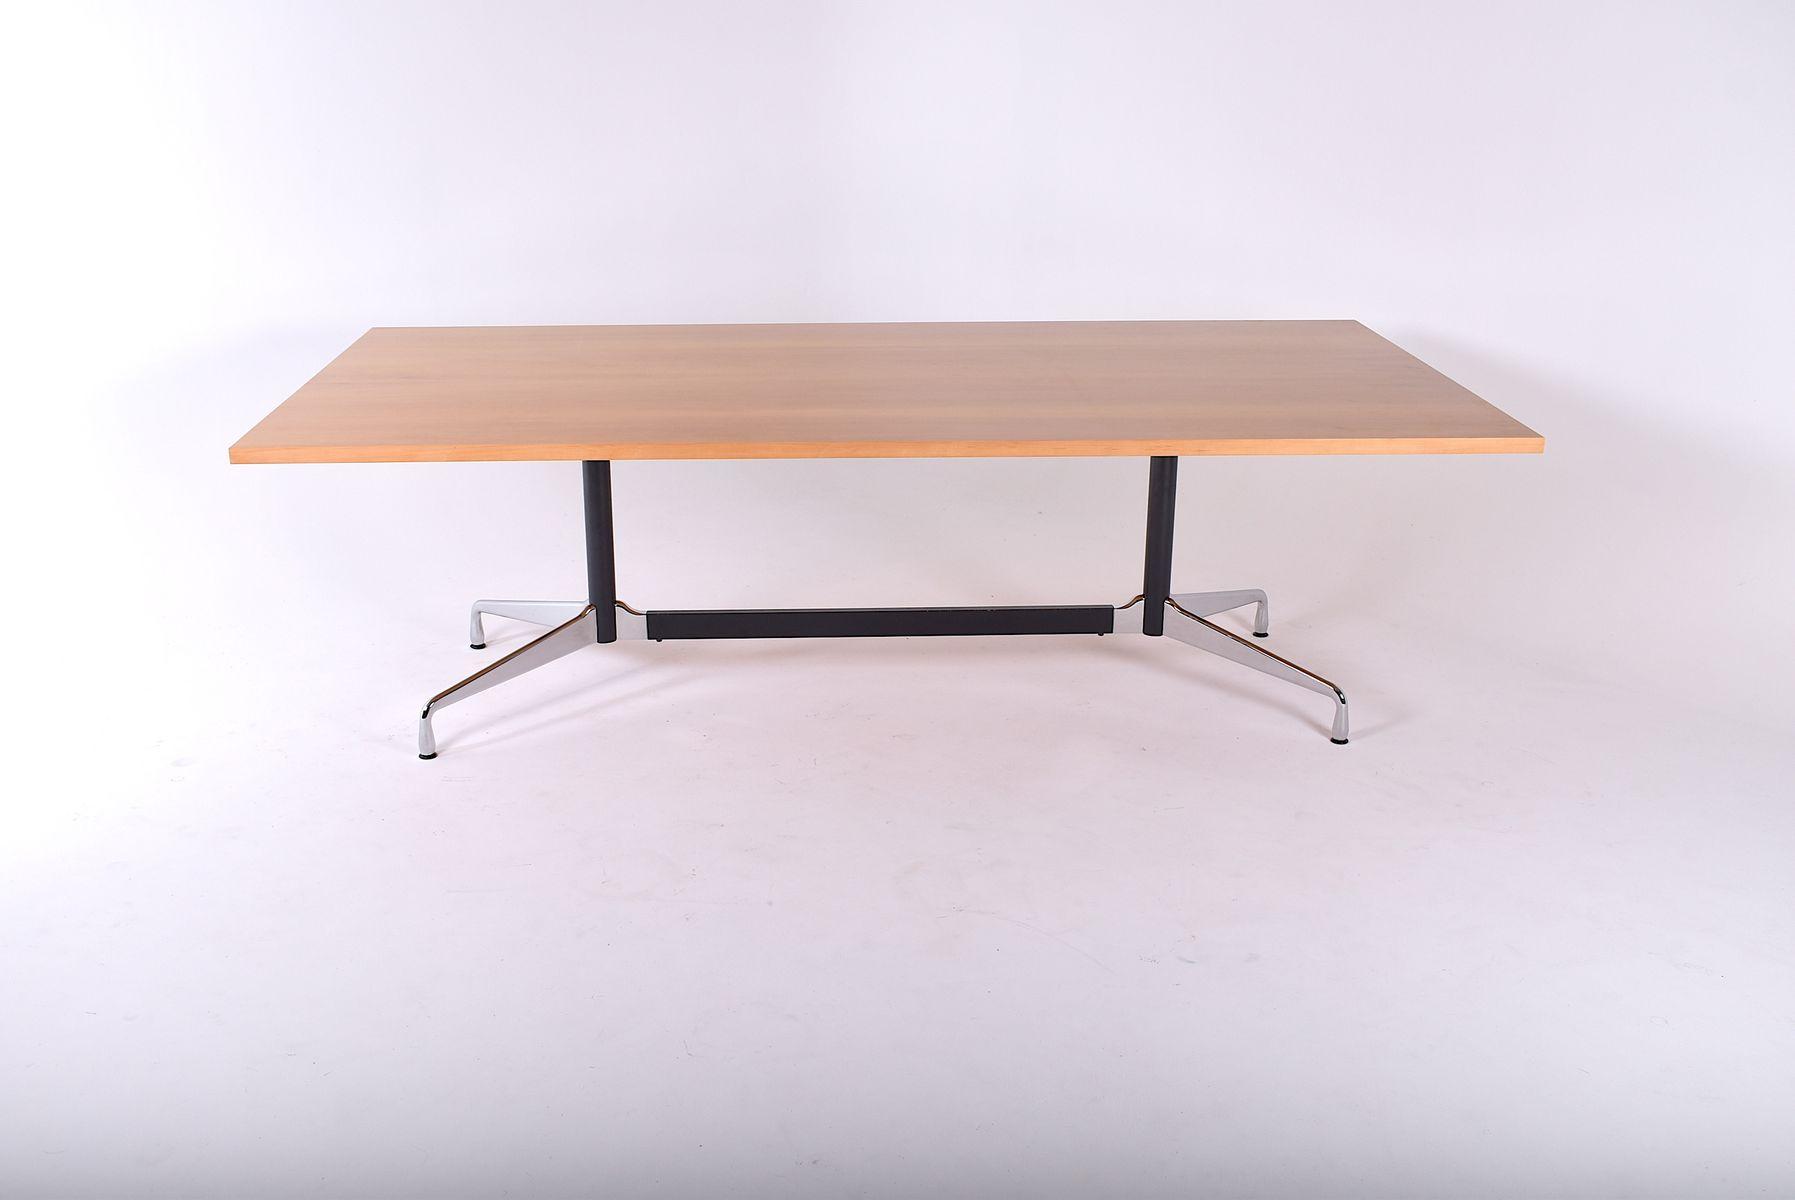 Großer Vintage Tisch von Charles & Ray Eames für Vitra